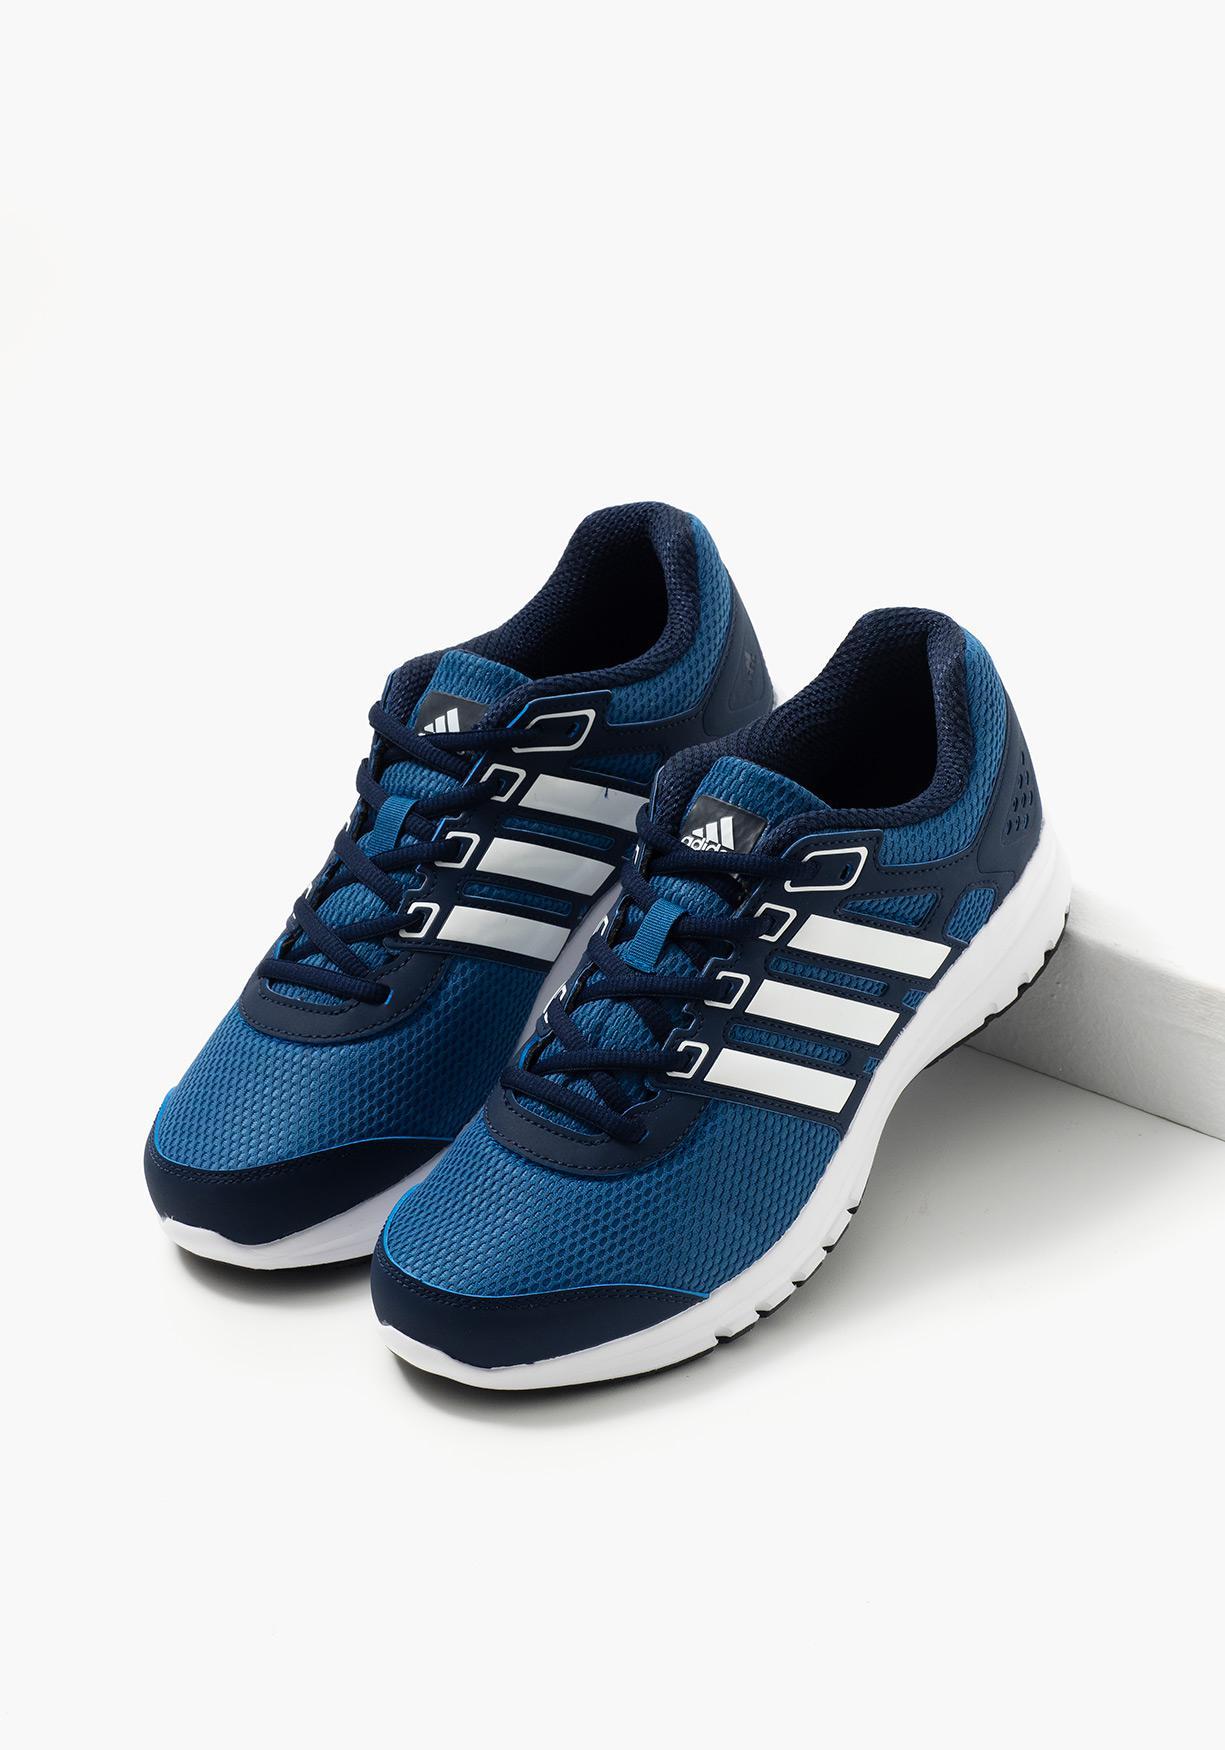 Comprar De ¡aprovéchate Deporte Adidas Zapatillas Nuestros rxgrvf